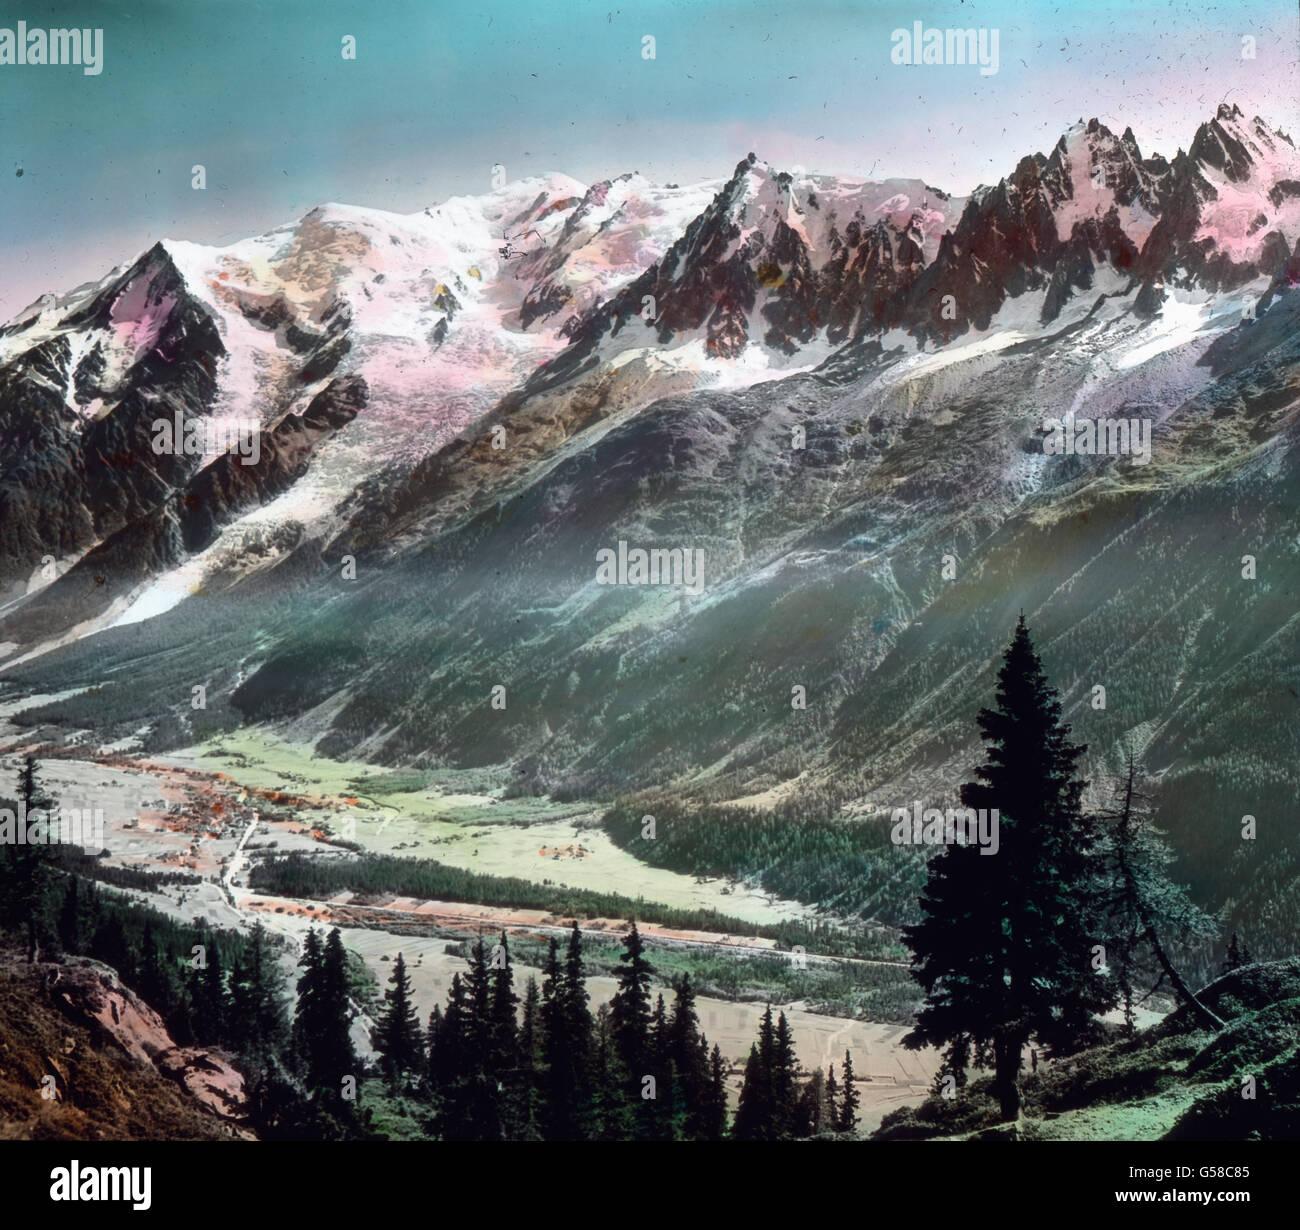 Weiter folgen, wie aus diesem Bilde zu ersehen, die Aiguilles de Blaitiere, du plan und du Midi. In der Mitte zeigt Immagini Stock